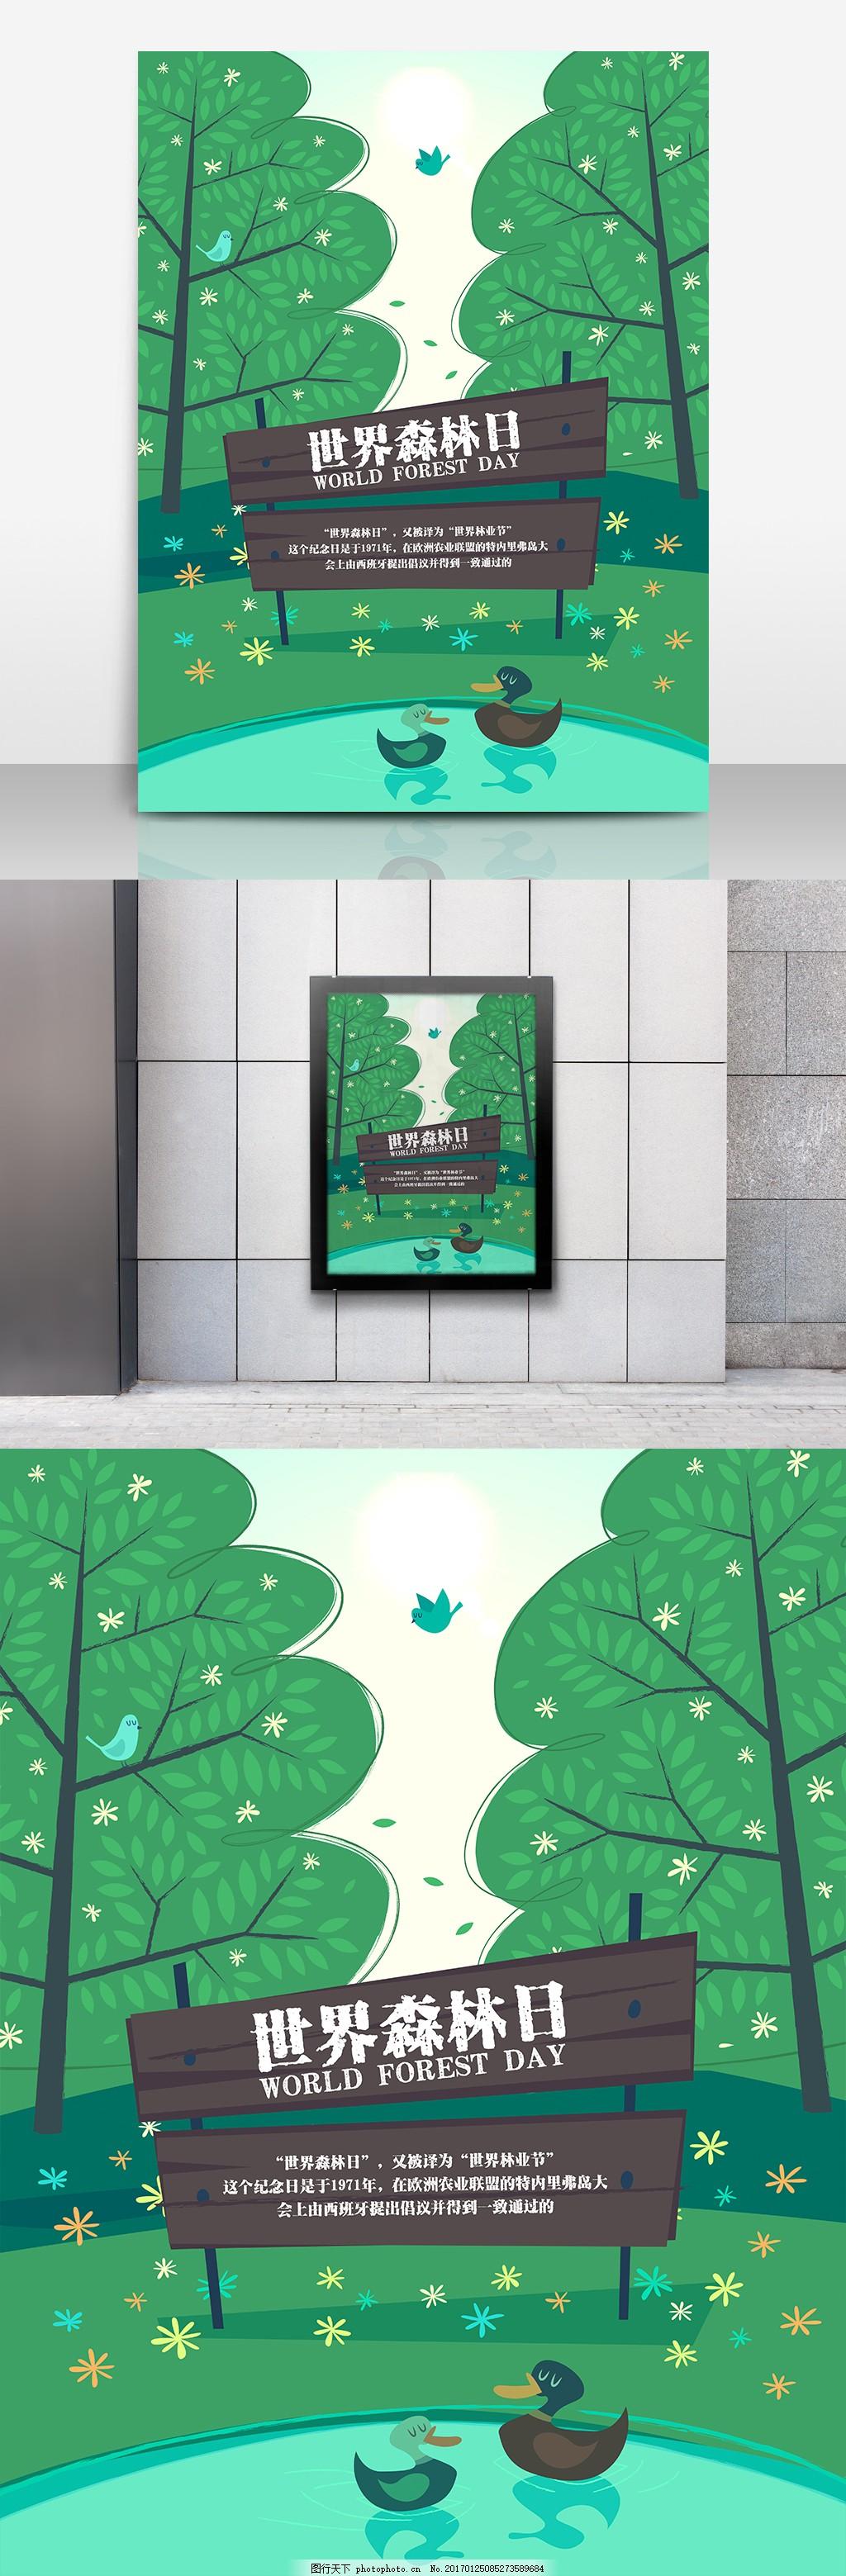 世界森林日公益海报